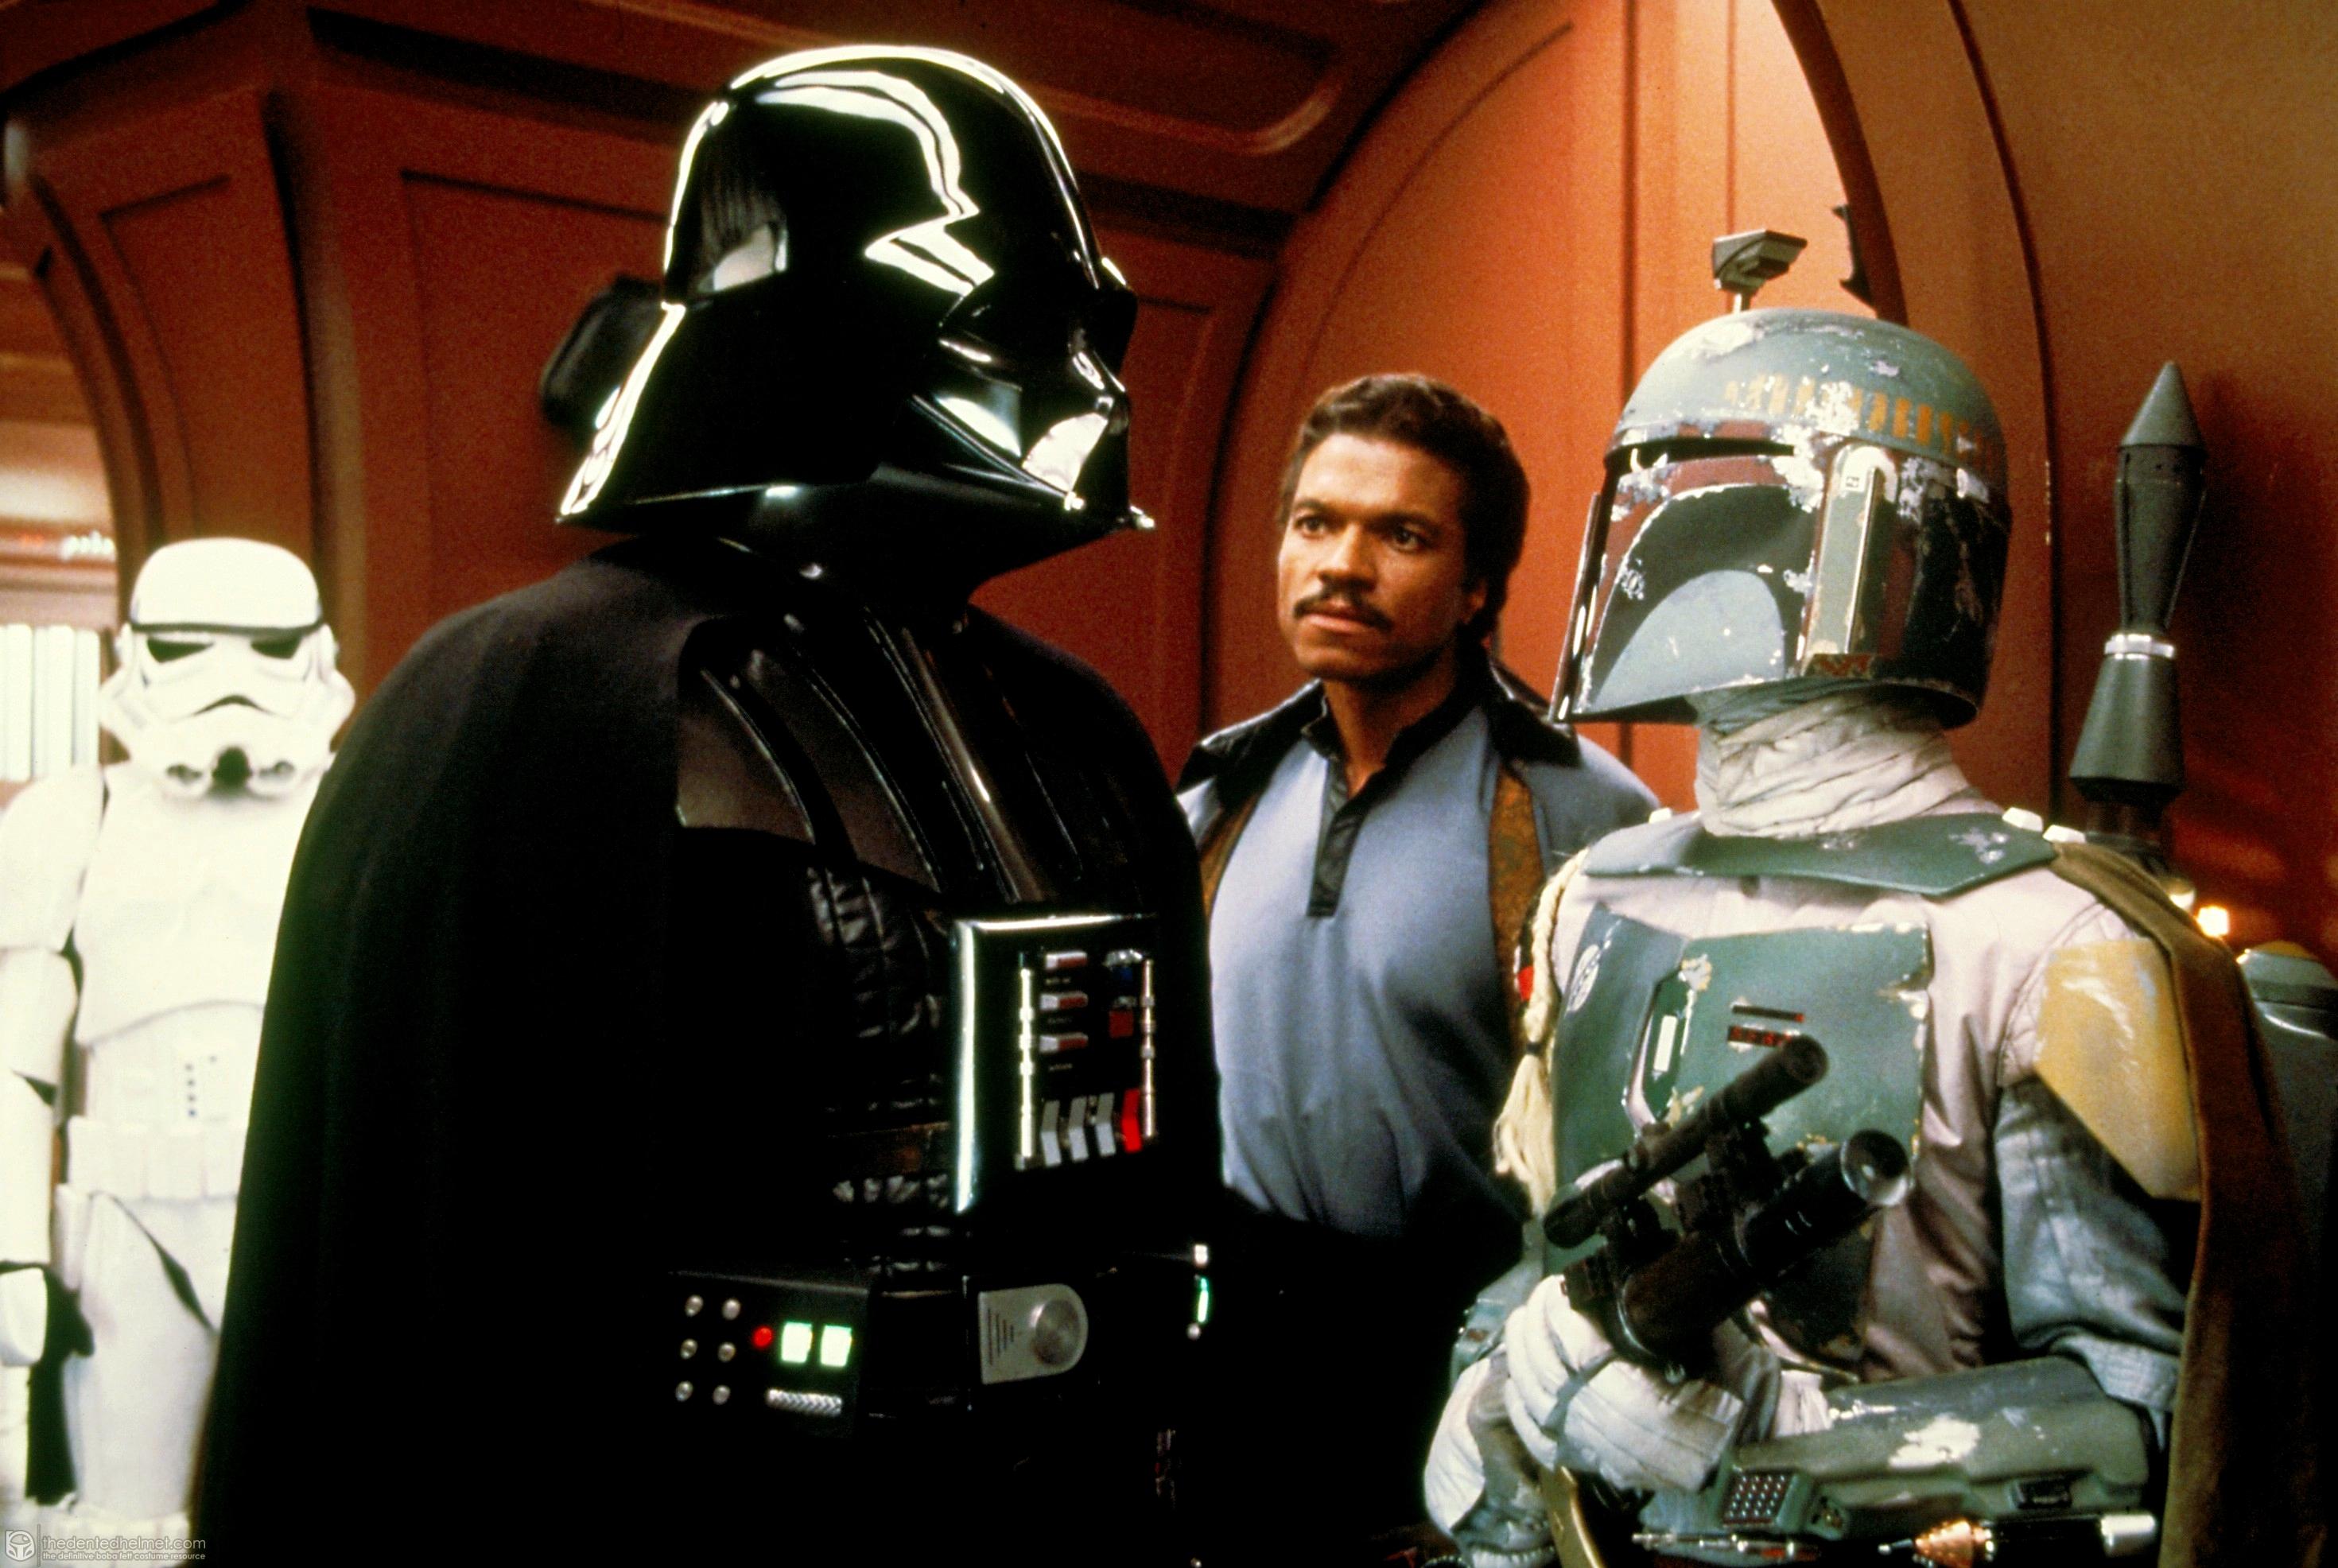 Boba-Fett-Costume-Empire-Strikes-Back-Interrogation-1.jpg